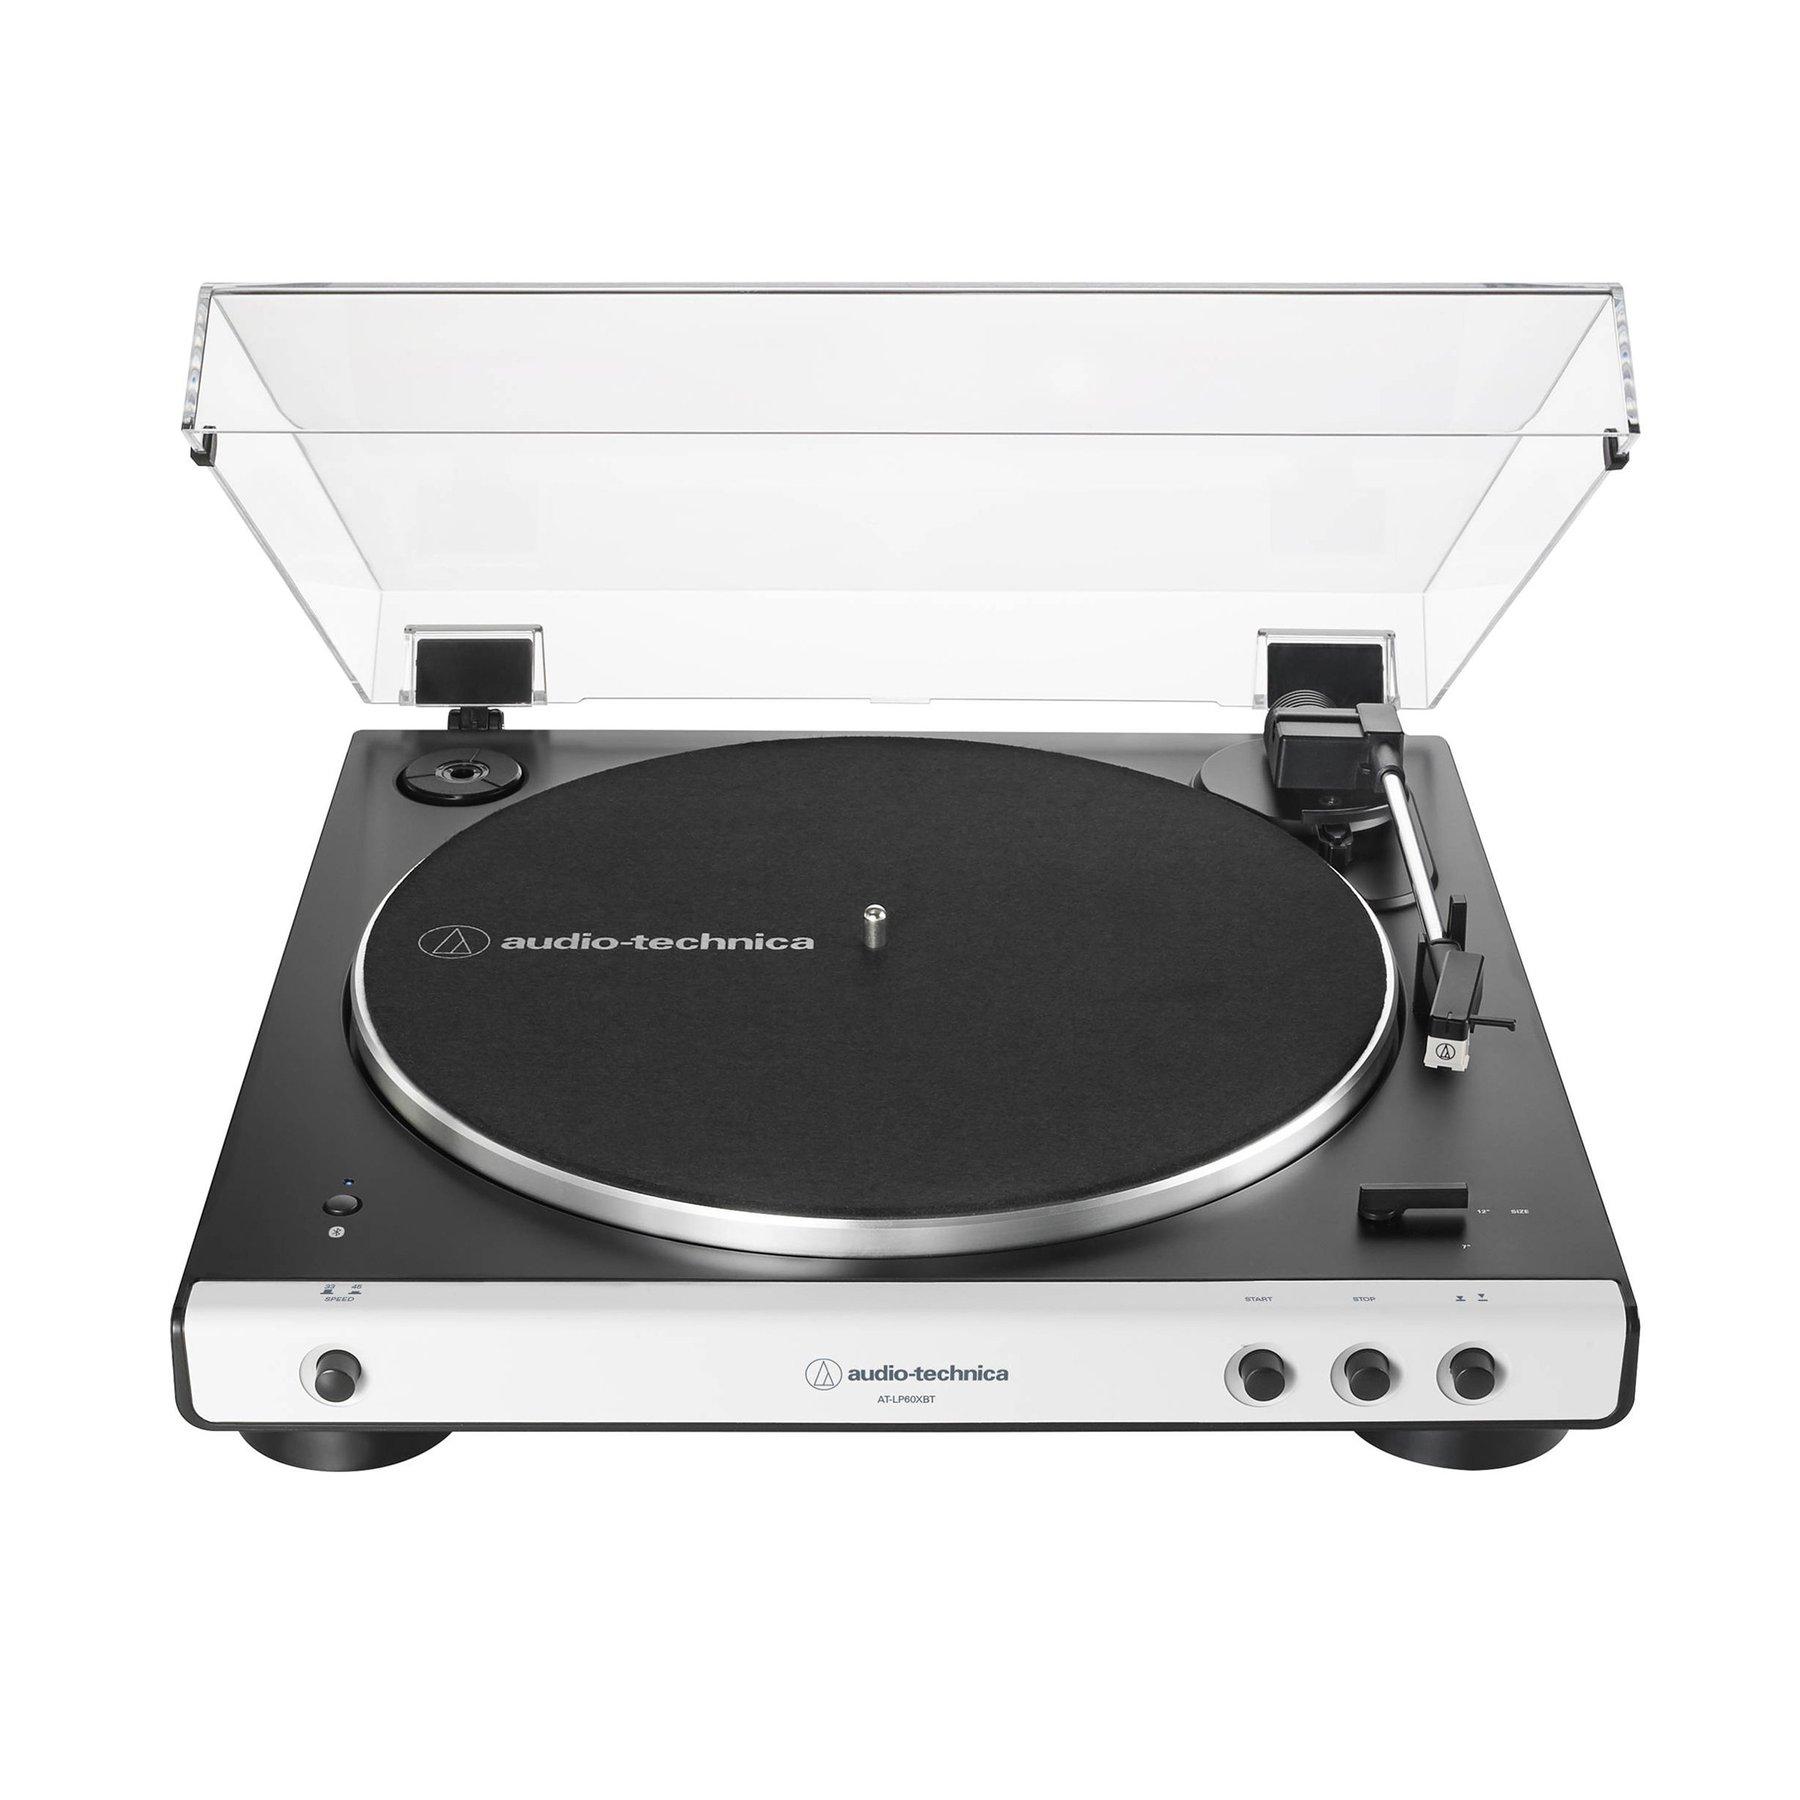 Купить виниловый проигрыватель audio-technica at-lp60xbt white по цене от 19990 руб., характеристики, фото, доставка